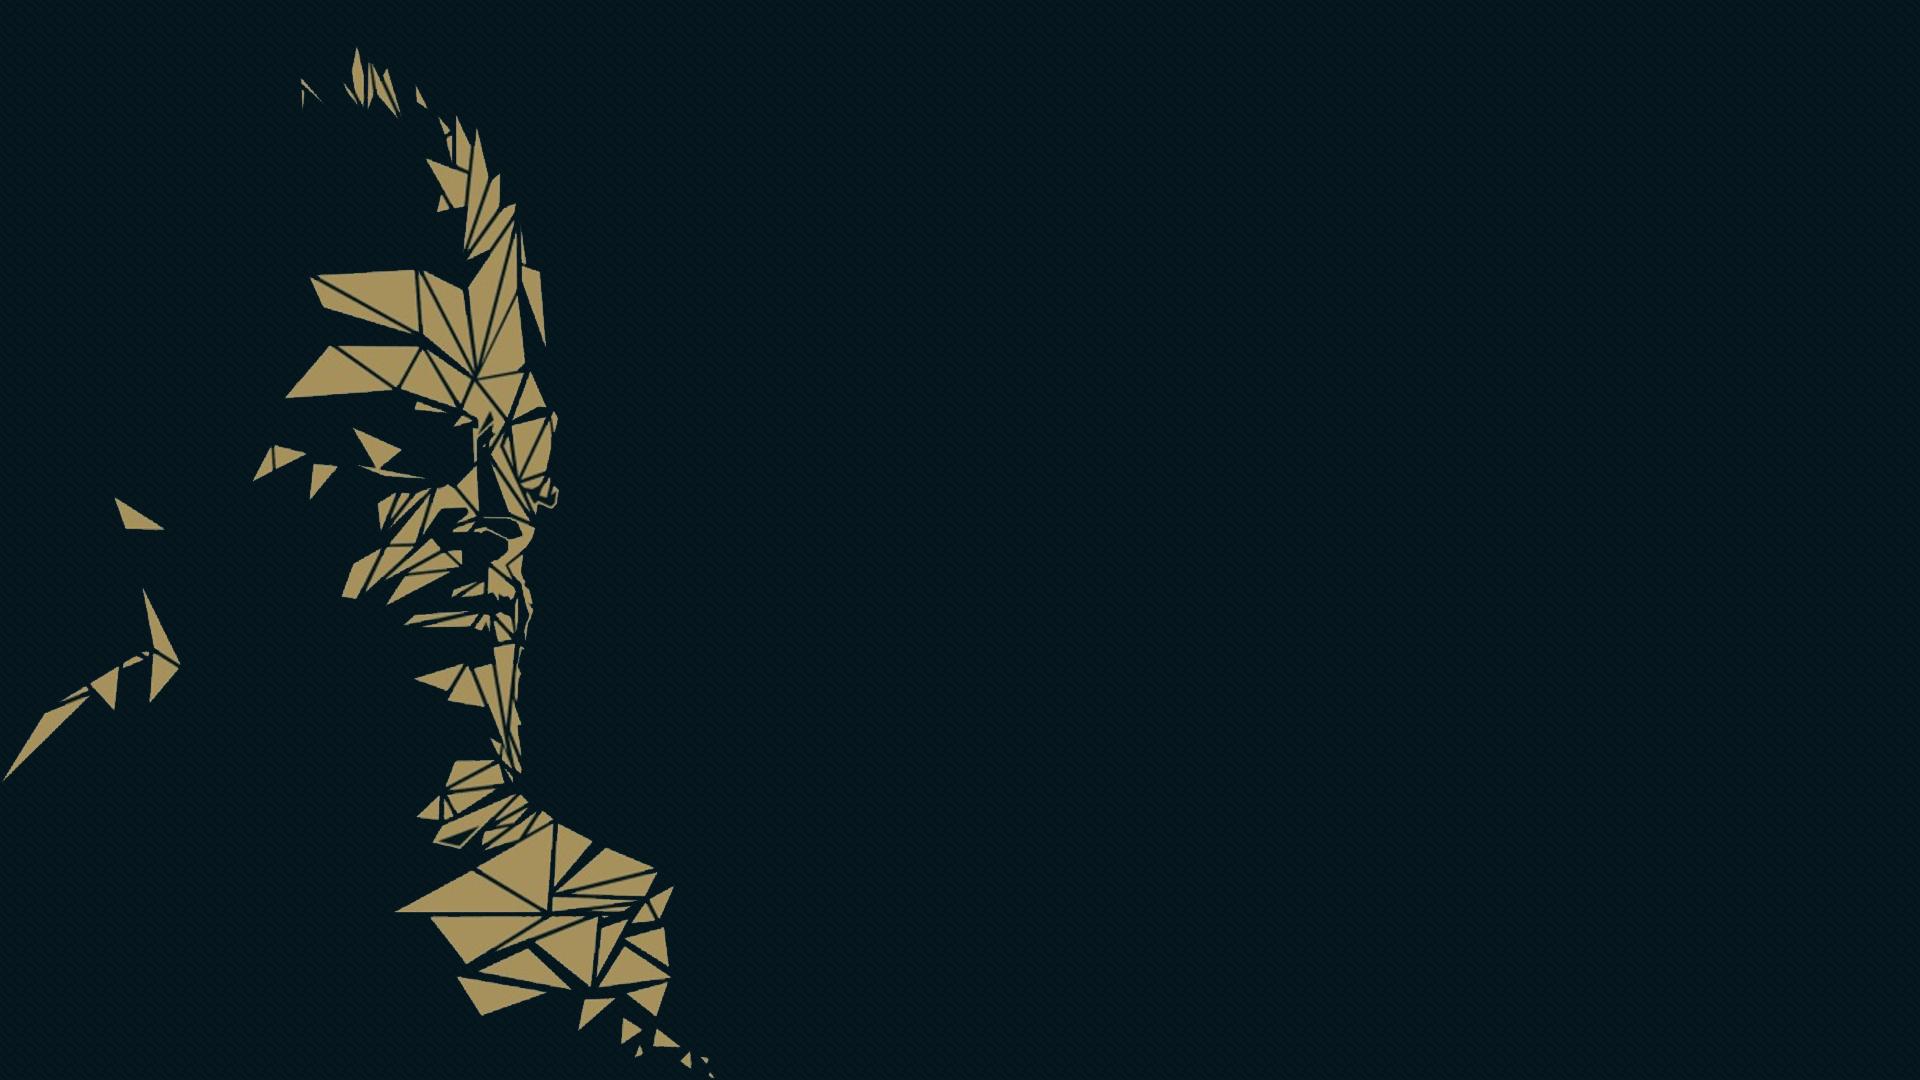 Deus Ex Wallpapers 1920x1080